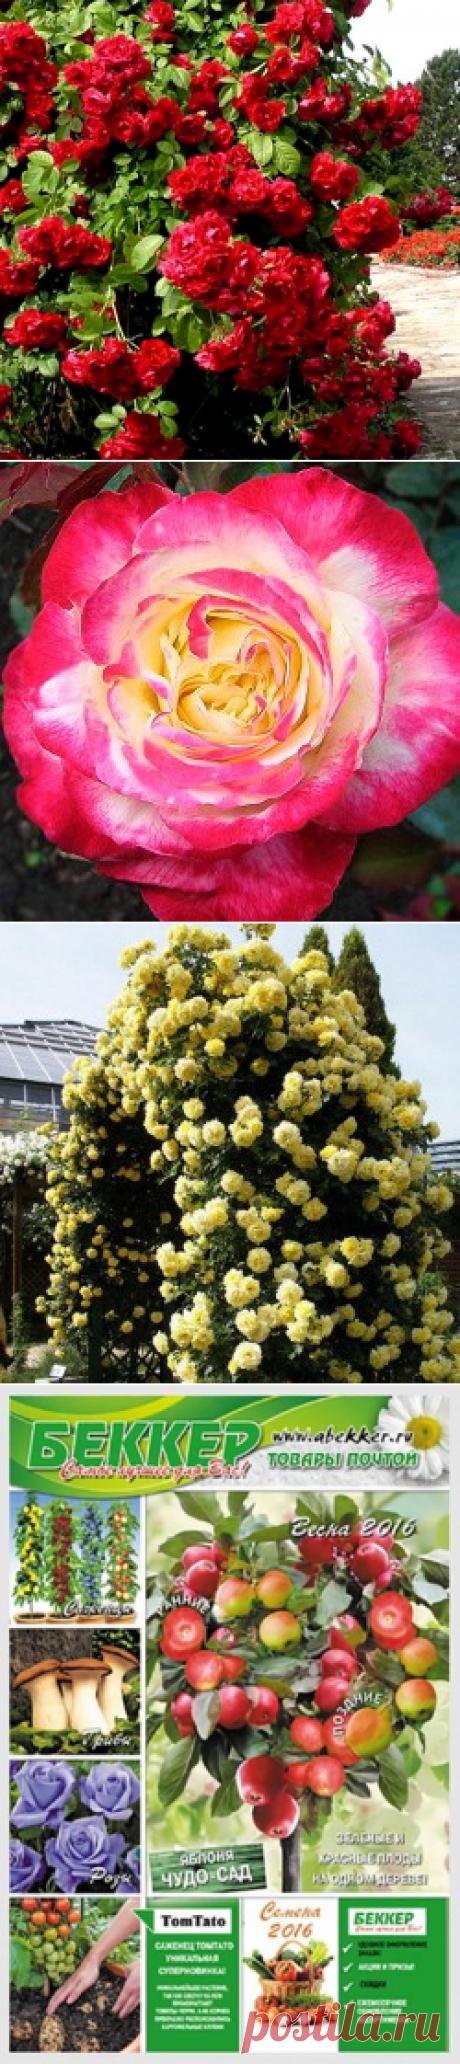 Роза плетистая Черный Букет 6790-3 - 3 саж: купить почтой в Москве в интернет магазине Беккер (6790-3)